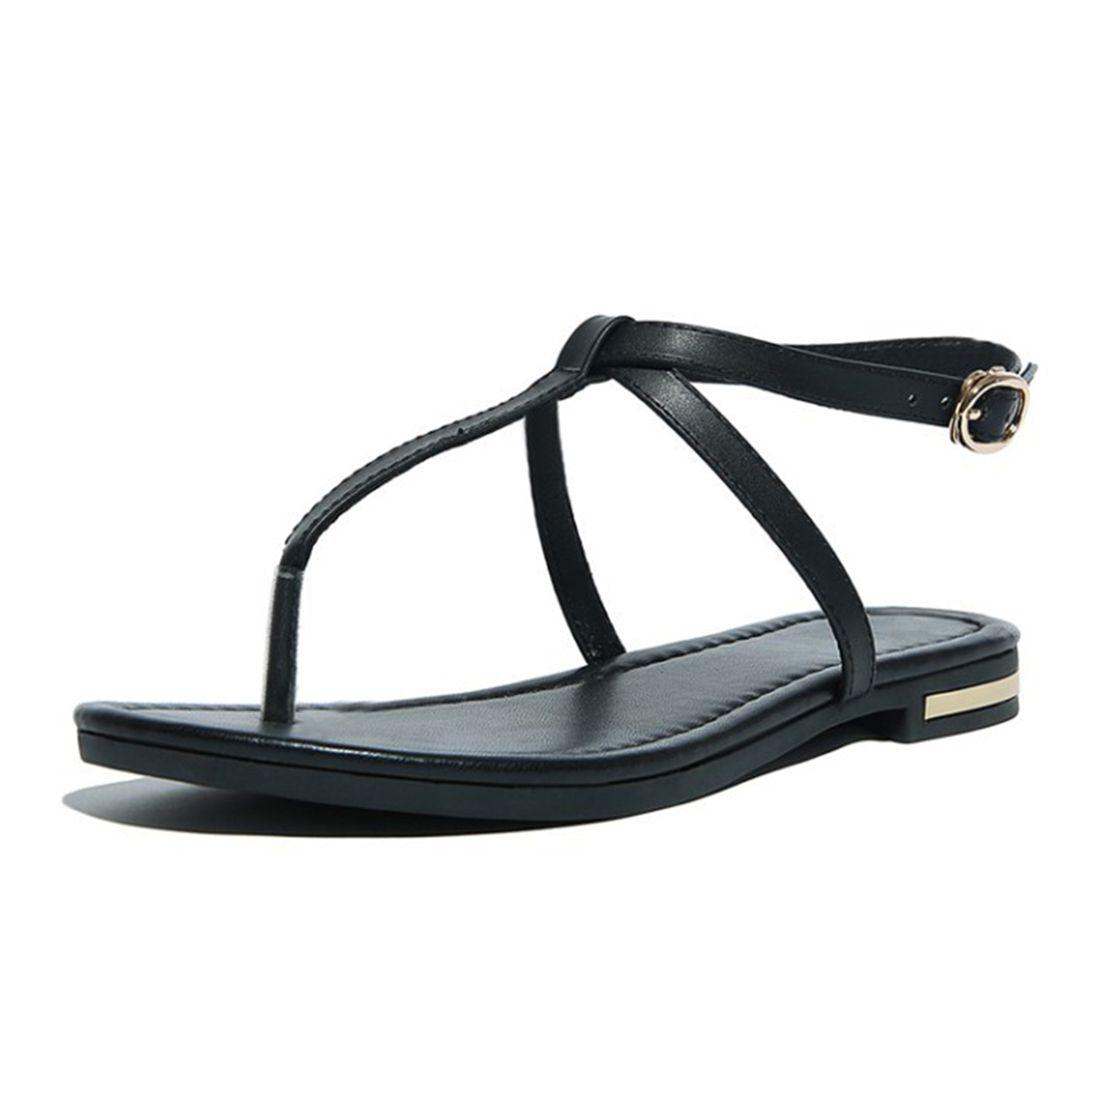 Shoes sandals flip flops - Women S Flip Flop Shoes Chaussure Femme Simple Flat Shoes Sandals Women Female Flat Beach Shoes